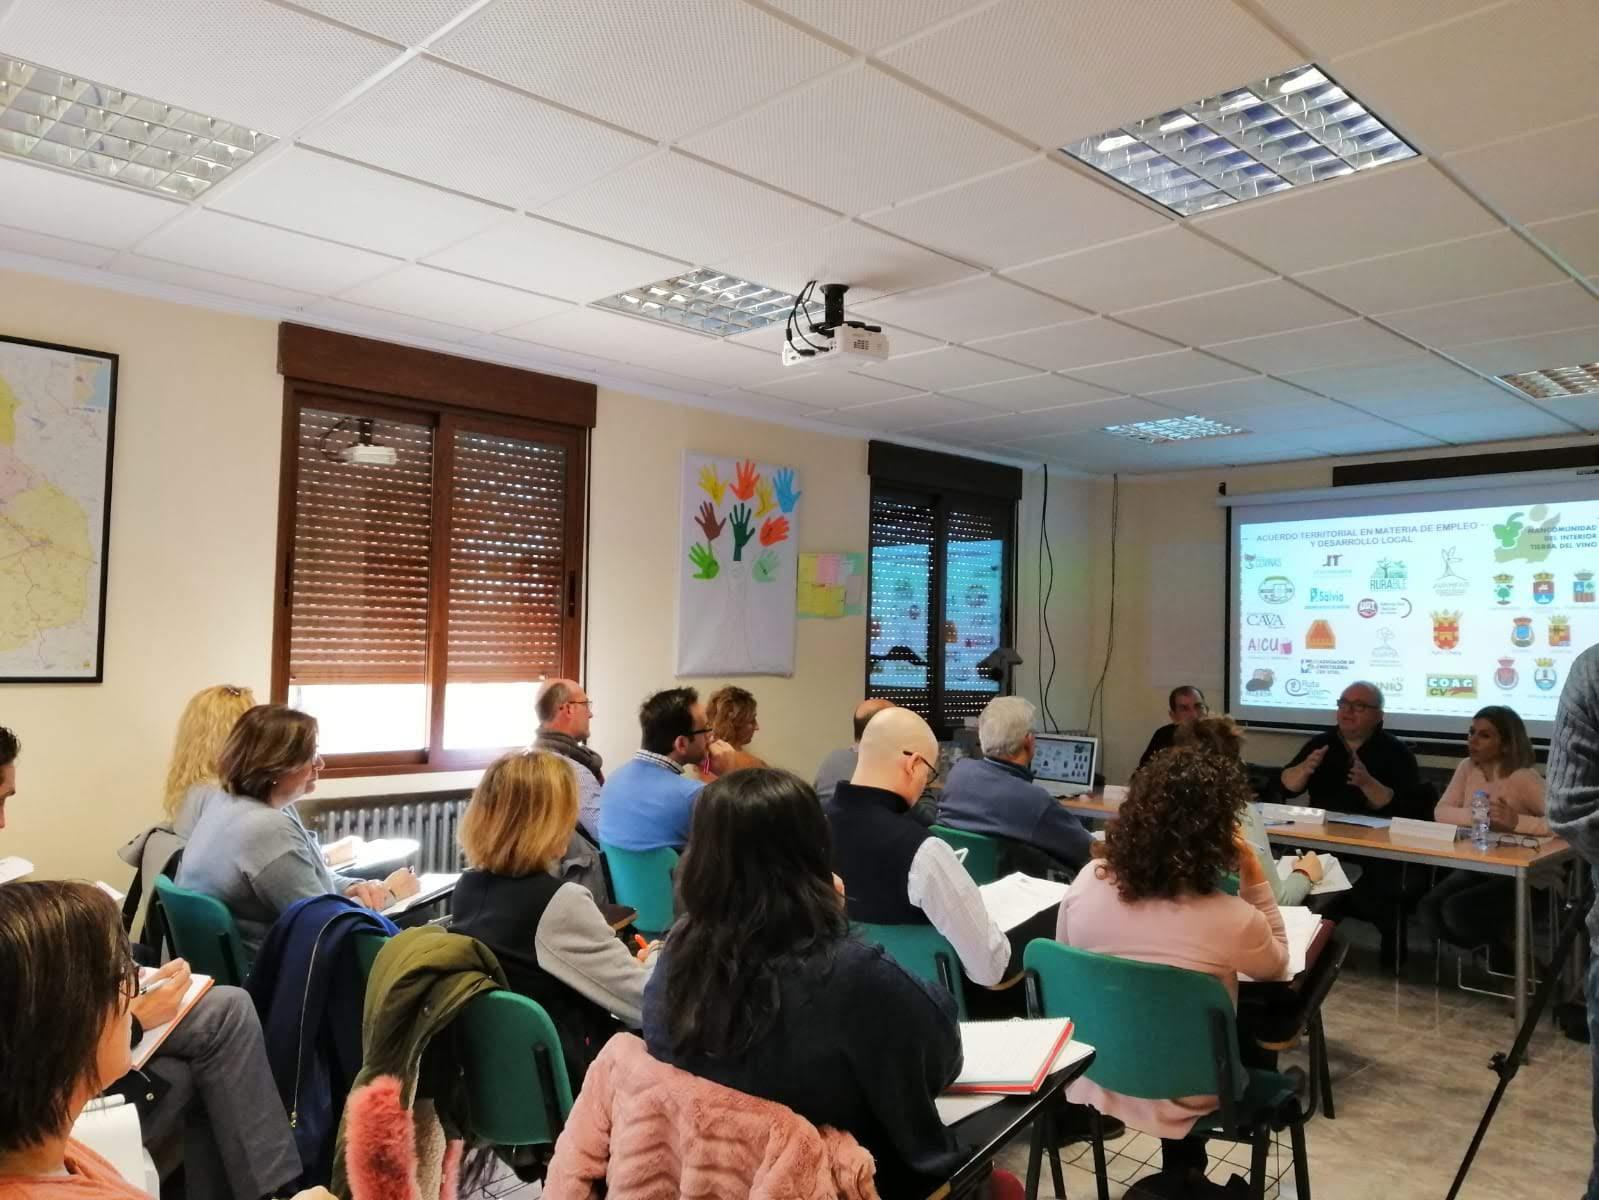 La Generalitat Valenciana destina a Programas Experimentales en la zona más de 125.000 €. El Ayuntamiento de Utiel recibirá 33.000 € para coordinación de acciones en materia de juventud.